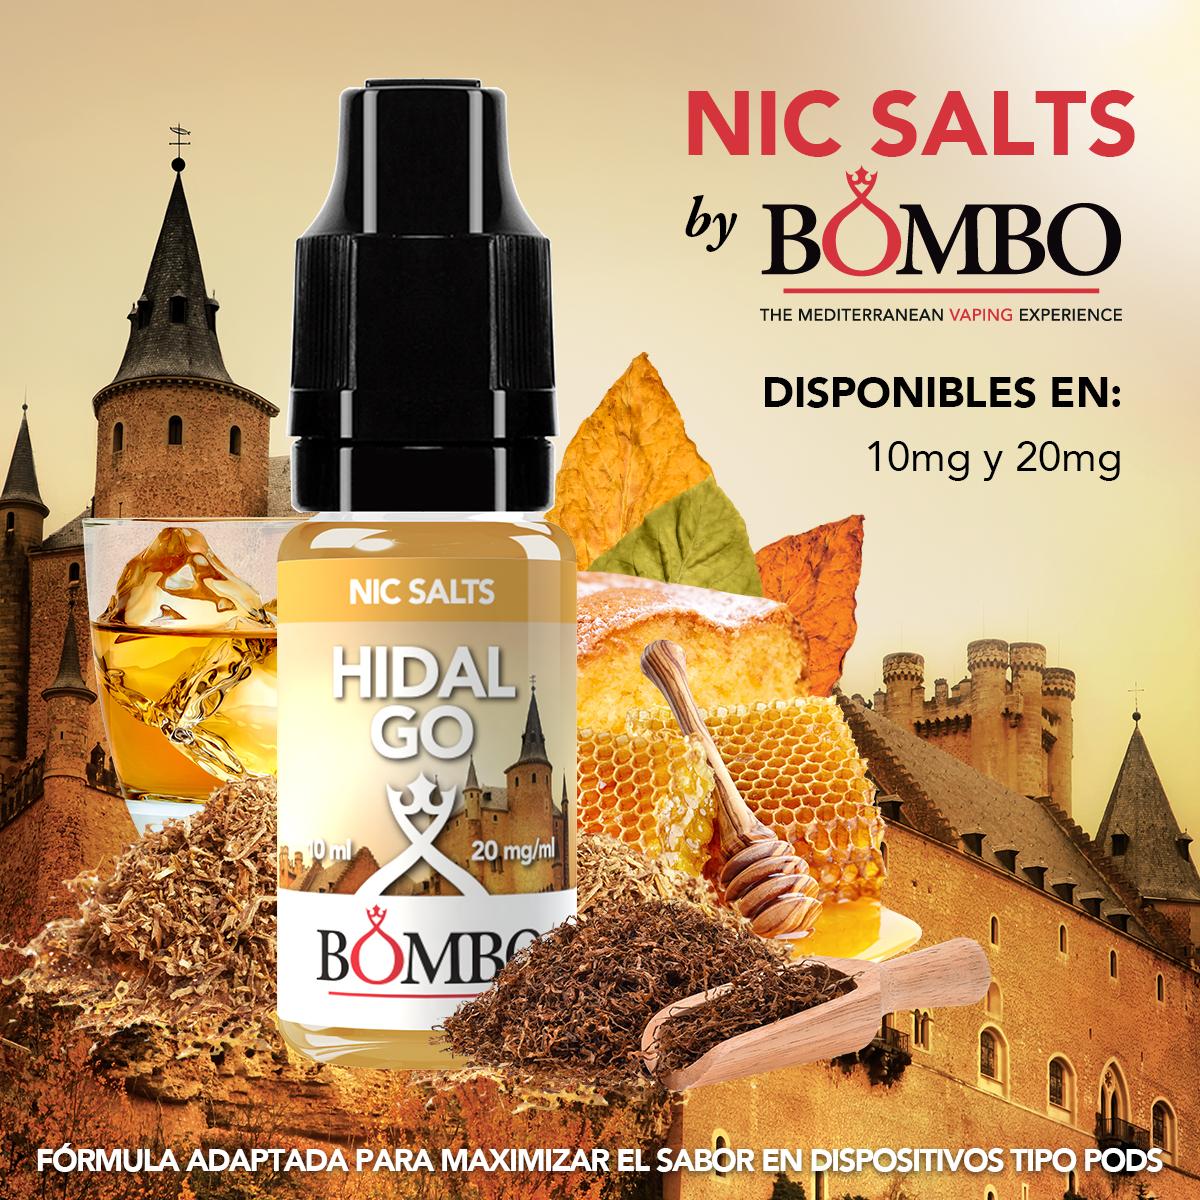 hidalgo bombo eliquids nic salts sales de nicotina